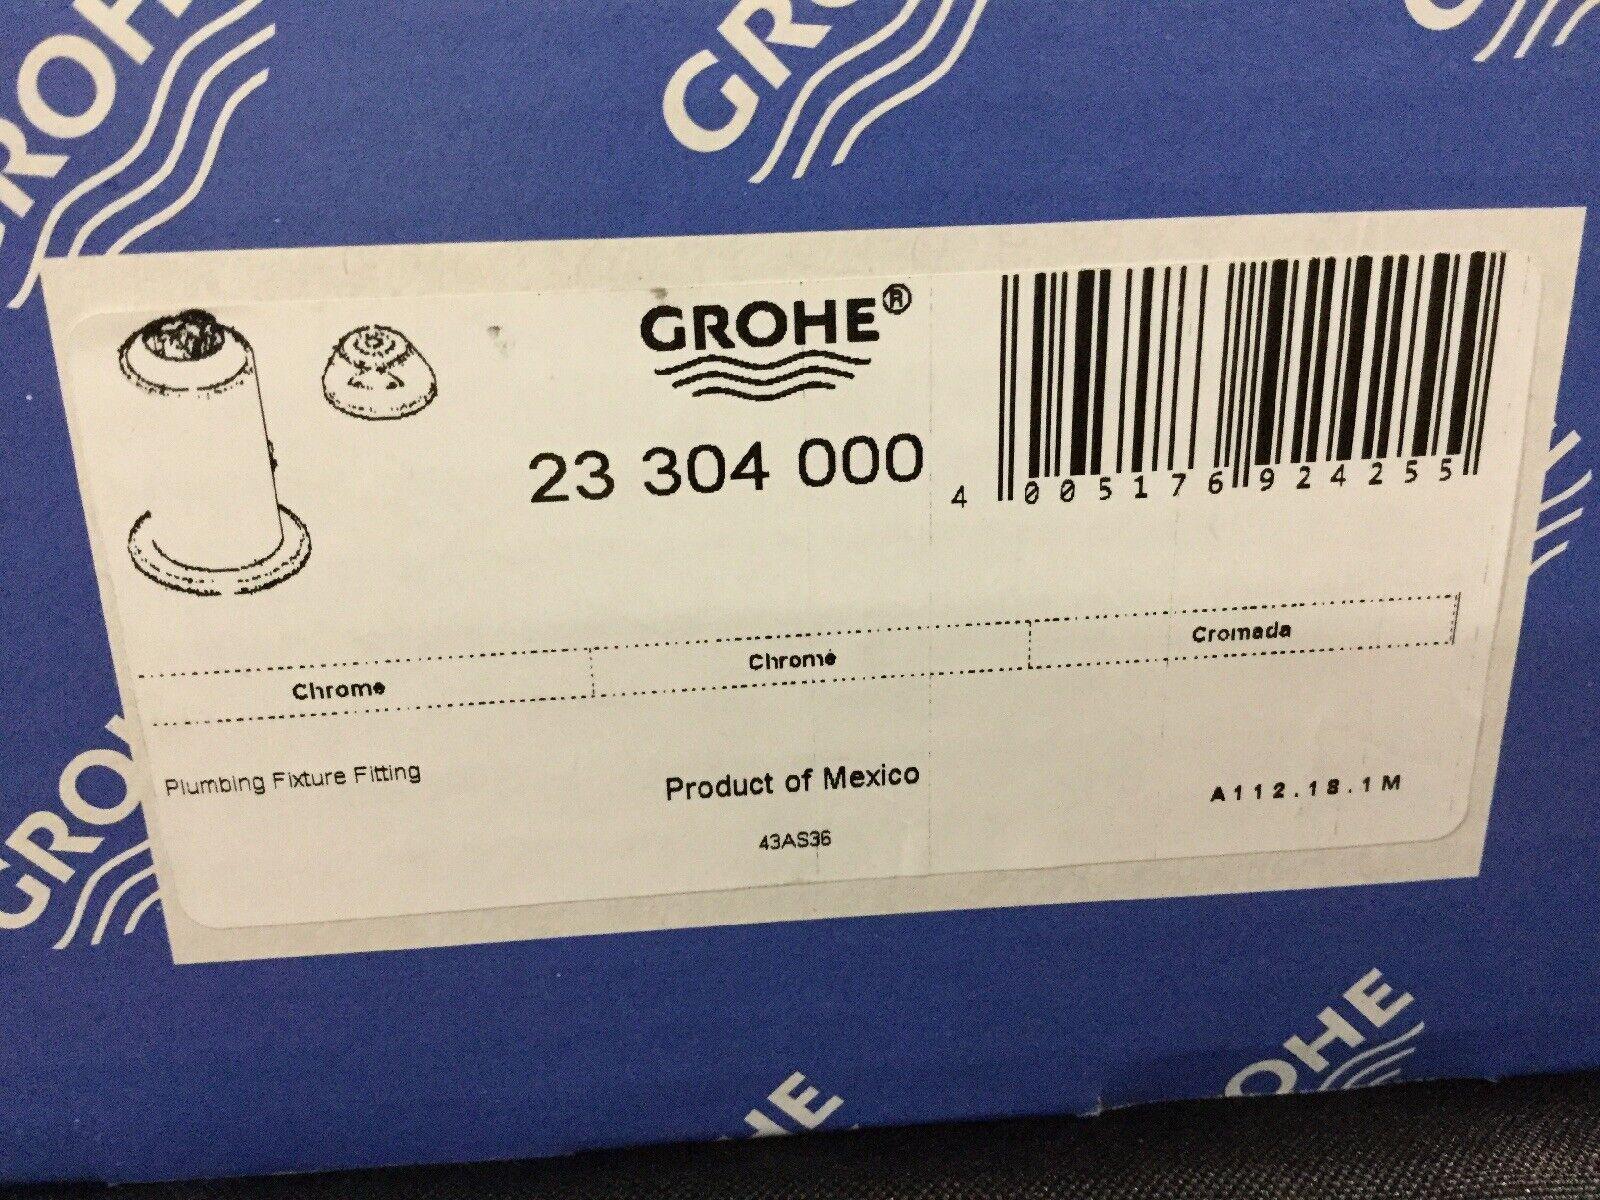 bidet faucet chrome 23 304 000 6d4